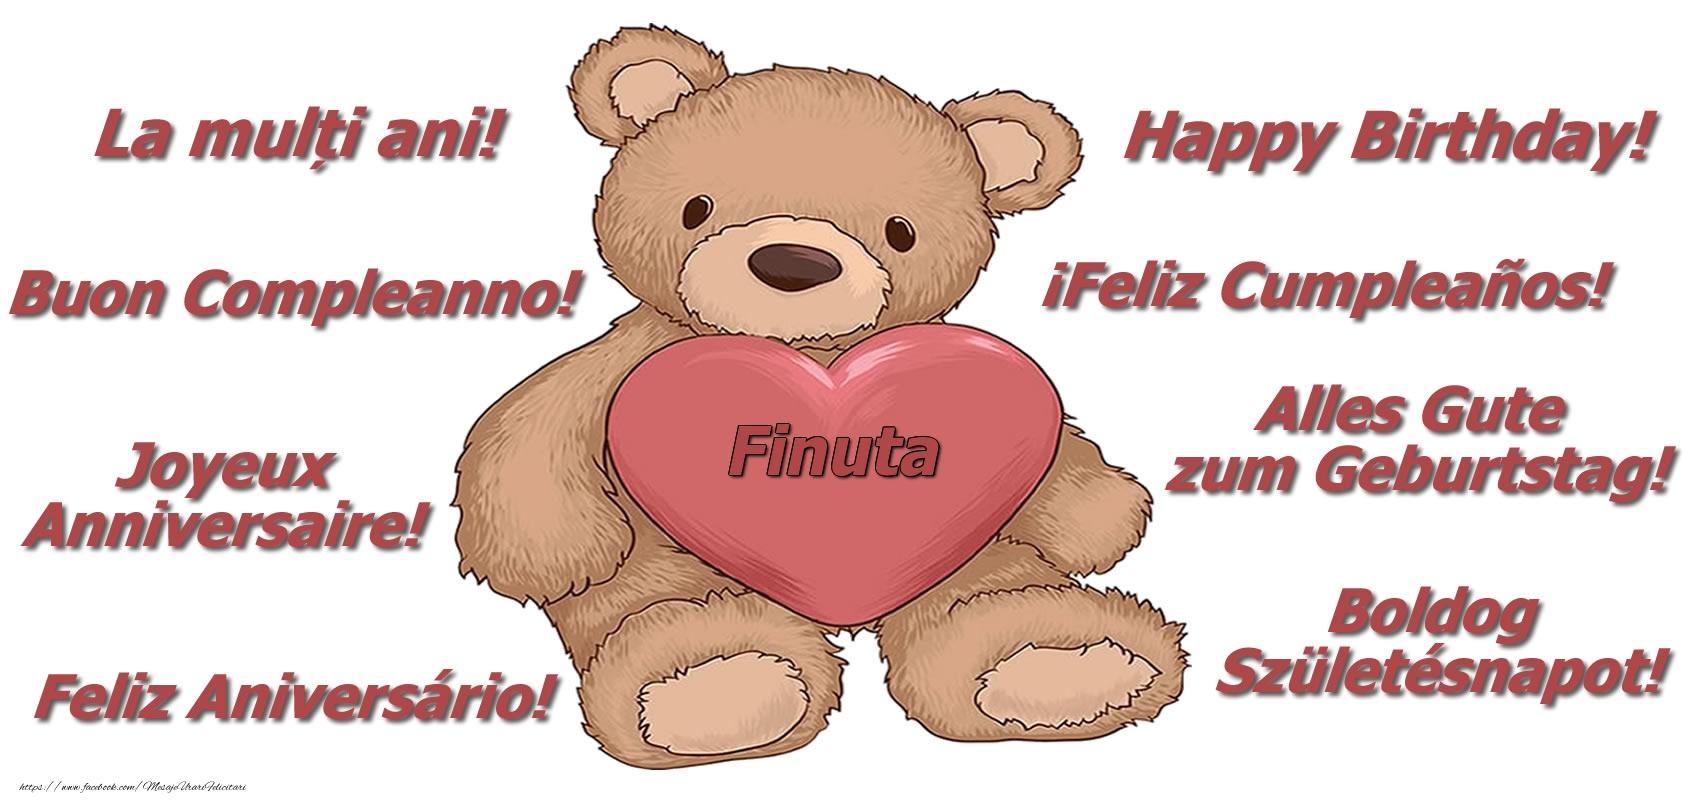 Felicitari de zi de nastere pentru Fina - La multi ani finuta! - Ursulet